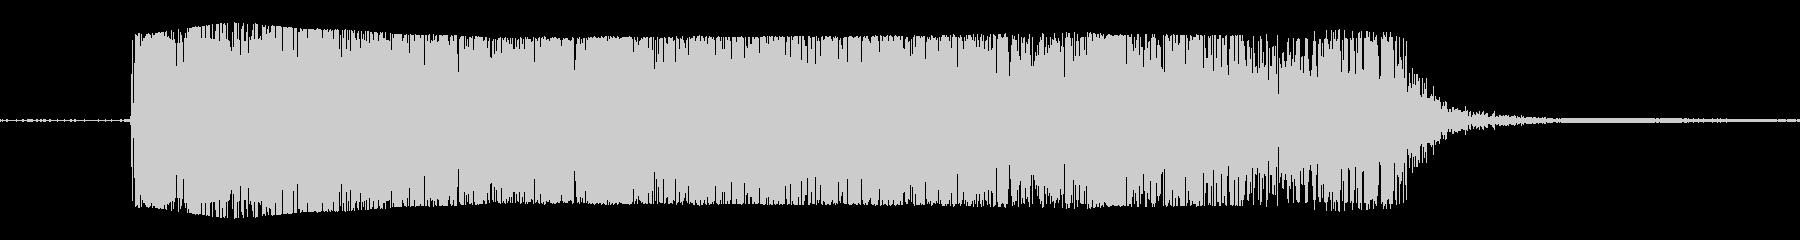 ギターメタルパワーコードjの未再生の波形